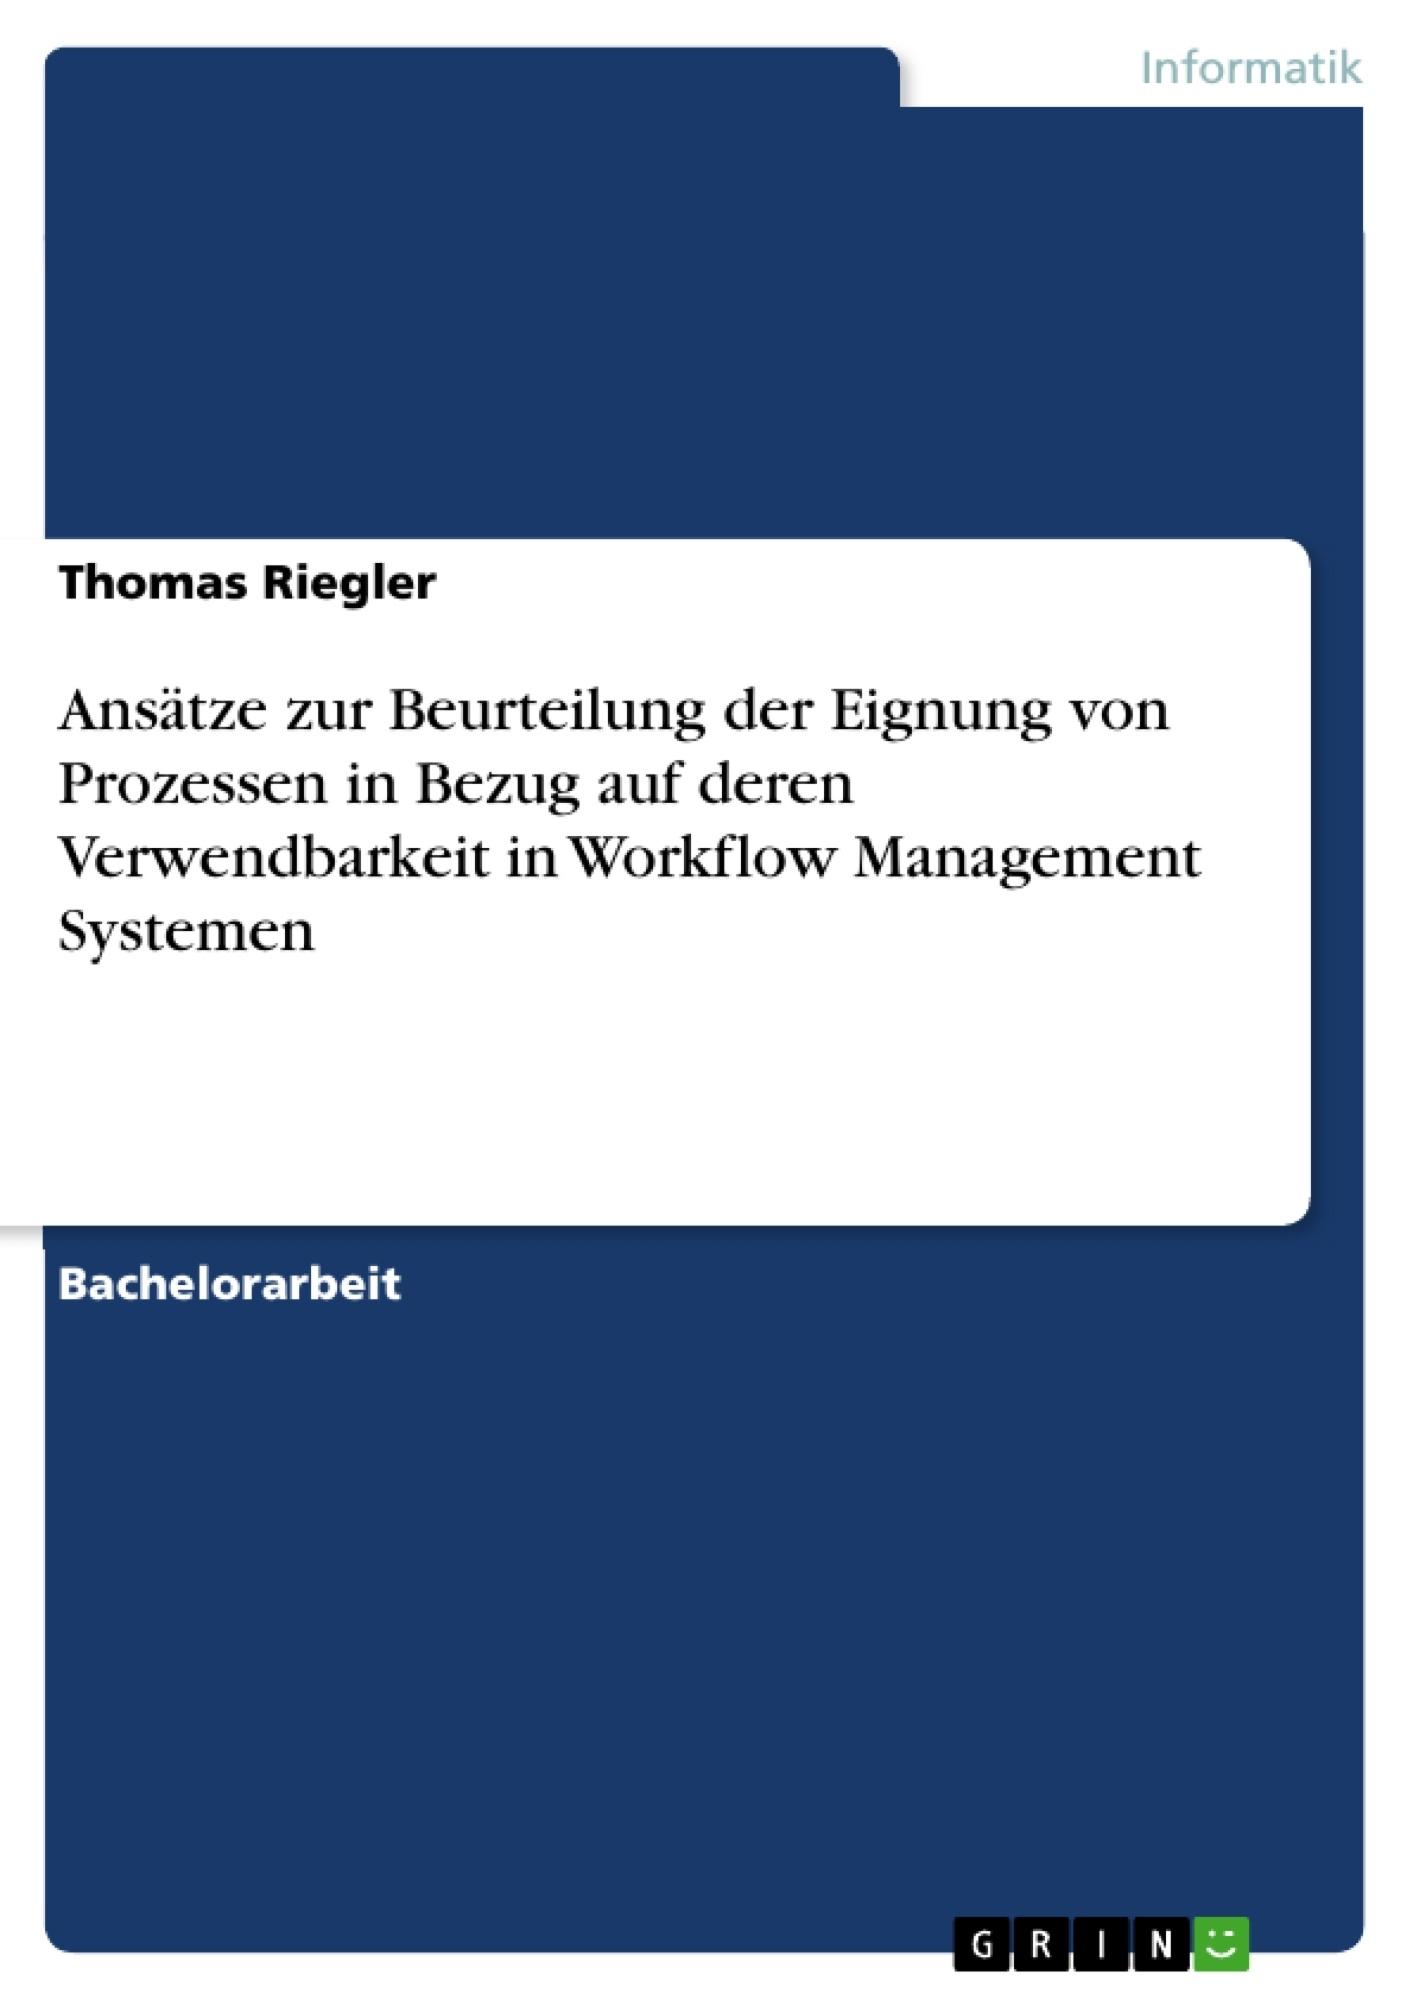 Titel: Ansätze zur Beurteilung der Eignung von Prozessen in Bezug auf deren Verwendbarkeit in Workflow Management Systemen